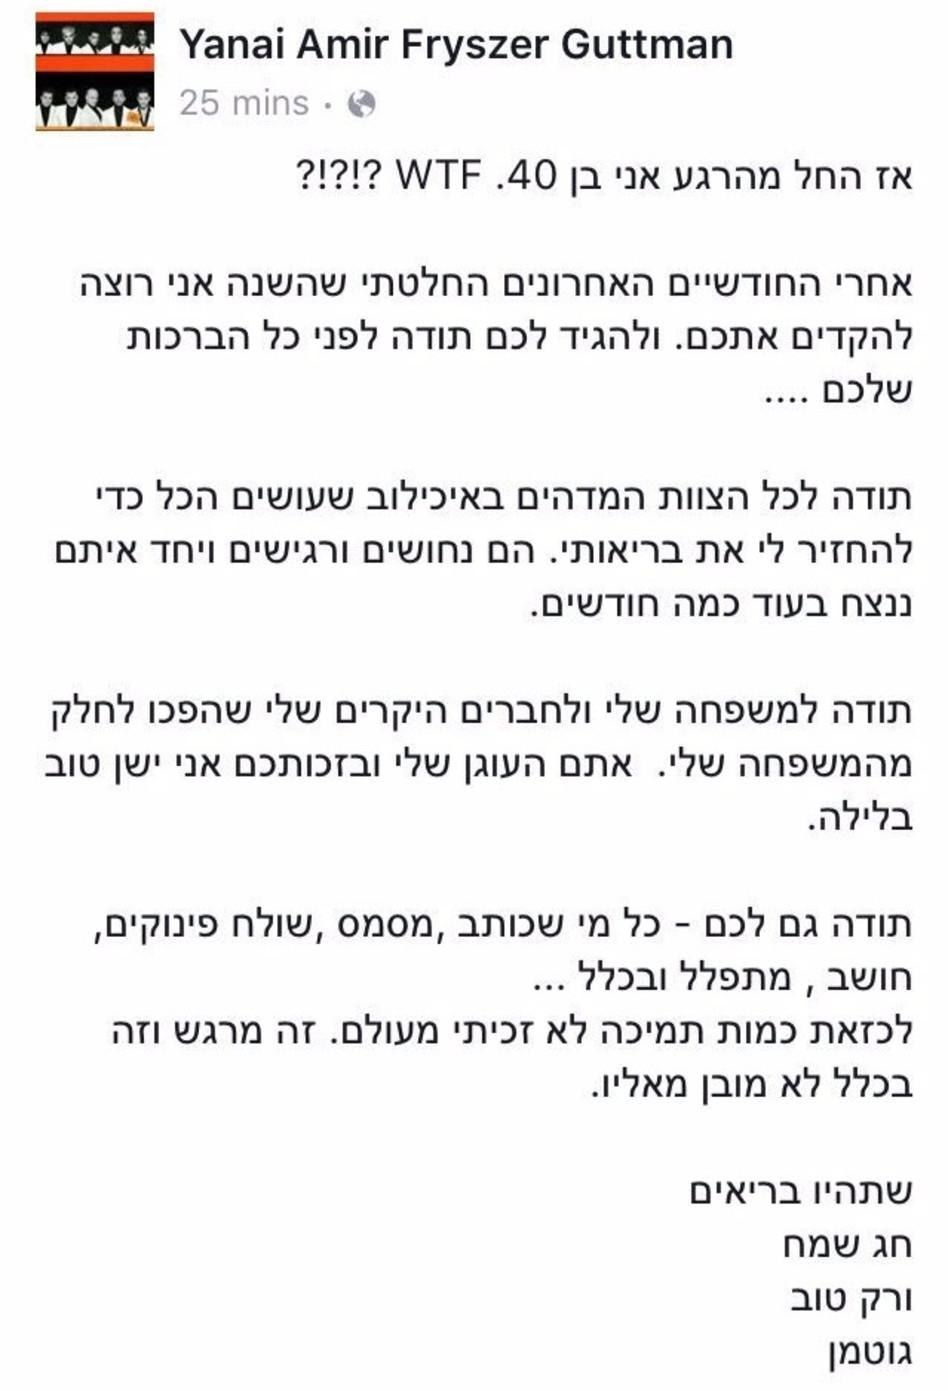 הסטטוס של אמיר פיי גוטמן (פייסבוק)